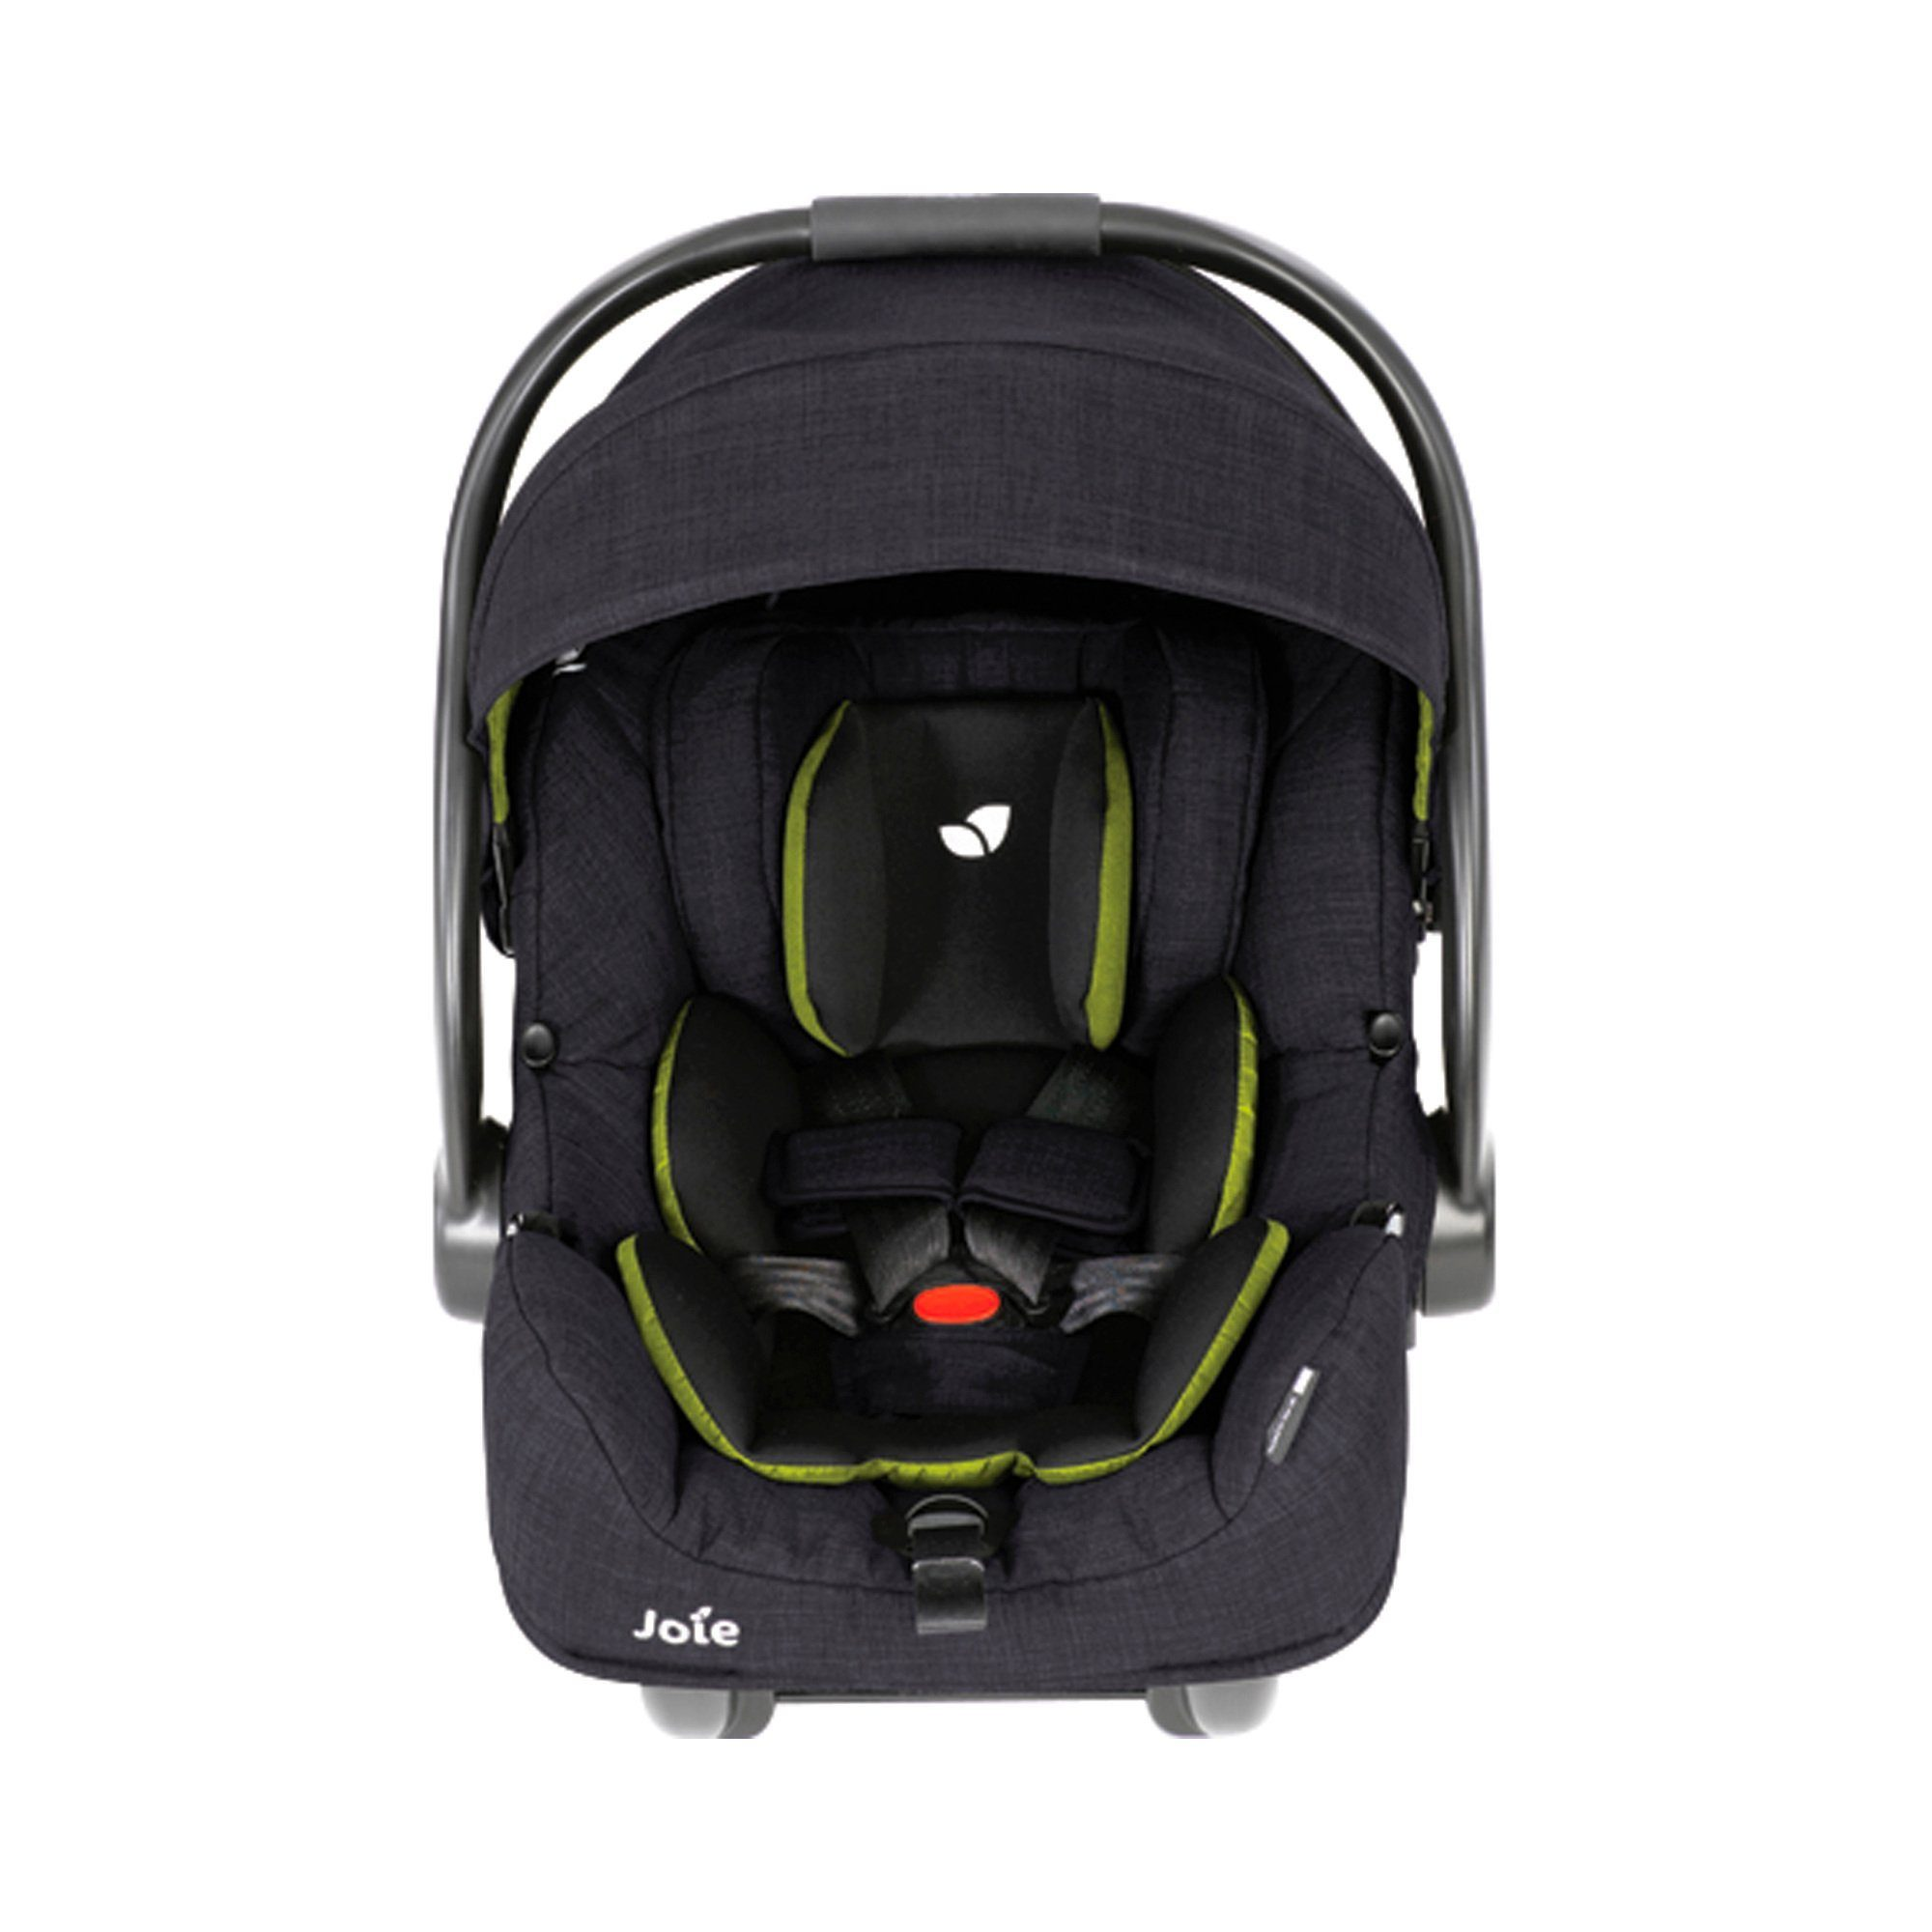 JOIE i-Gemm™ Babyschale Design 2016